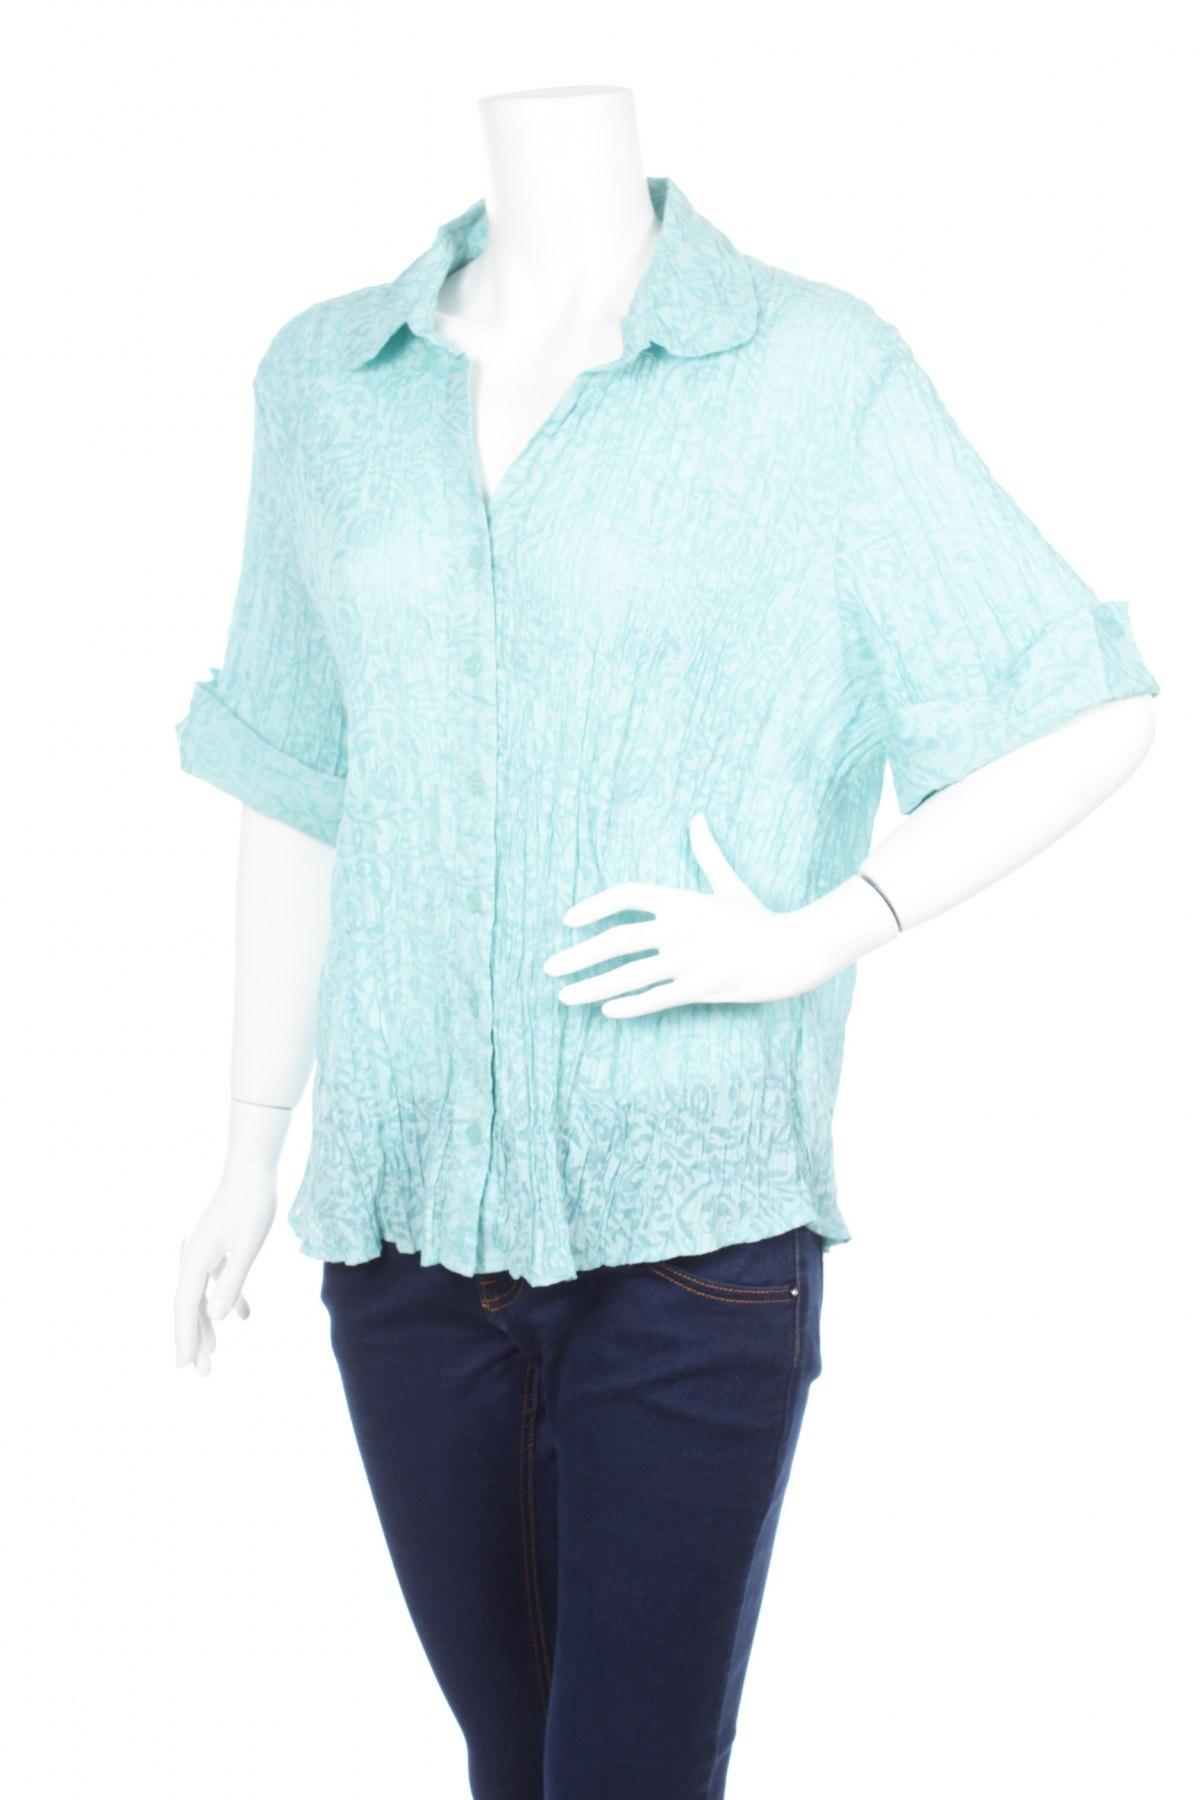 Γυναικείο πουκάμισο Laura Plus, Μέγεθος L, Χρώμα Μπλέ, 62% πολυεστέρας, 38% βαμβάκι, Τιμή 8,66€